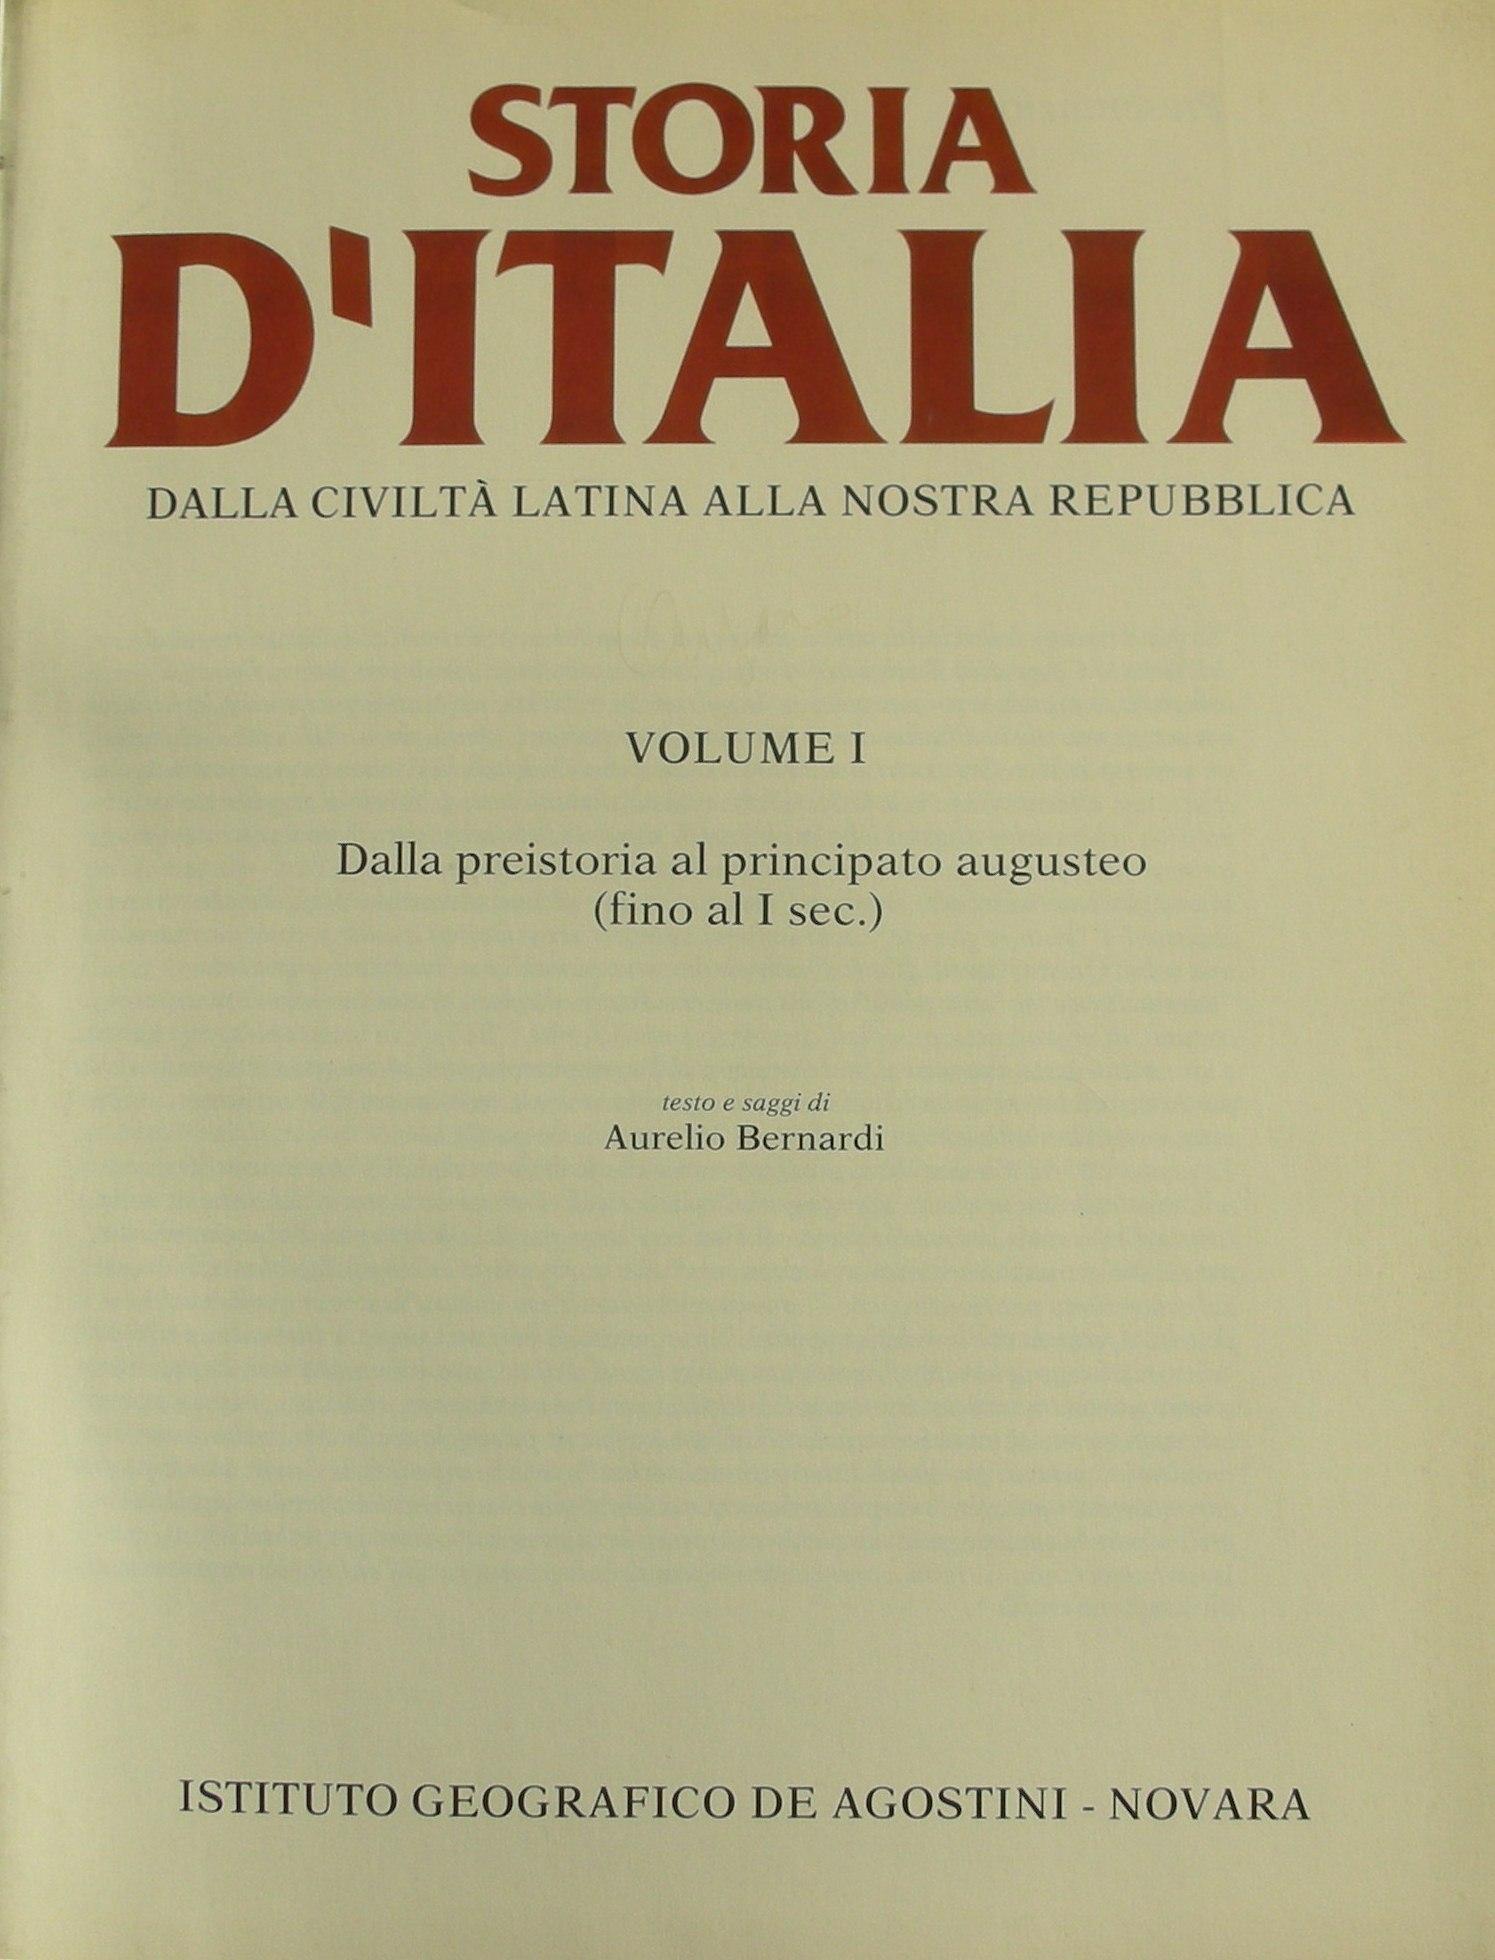 Storia d'Italia Vol. I